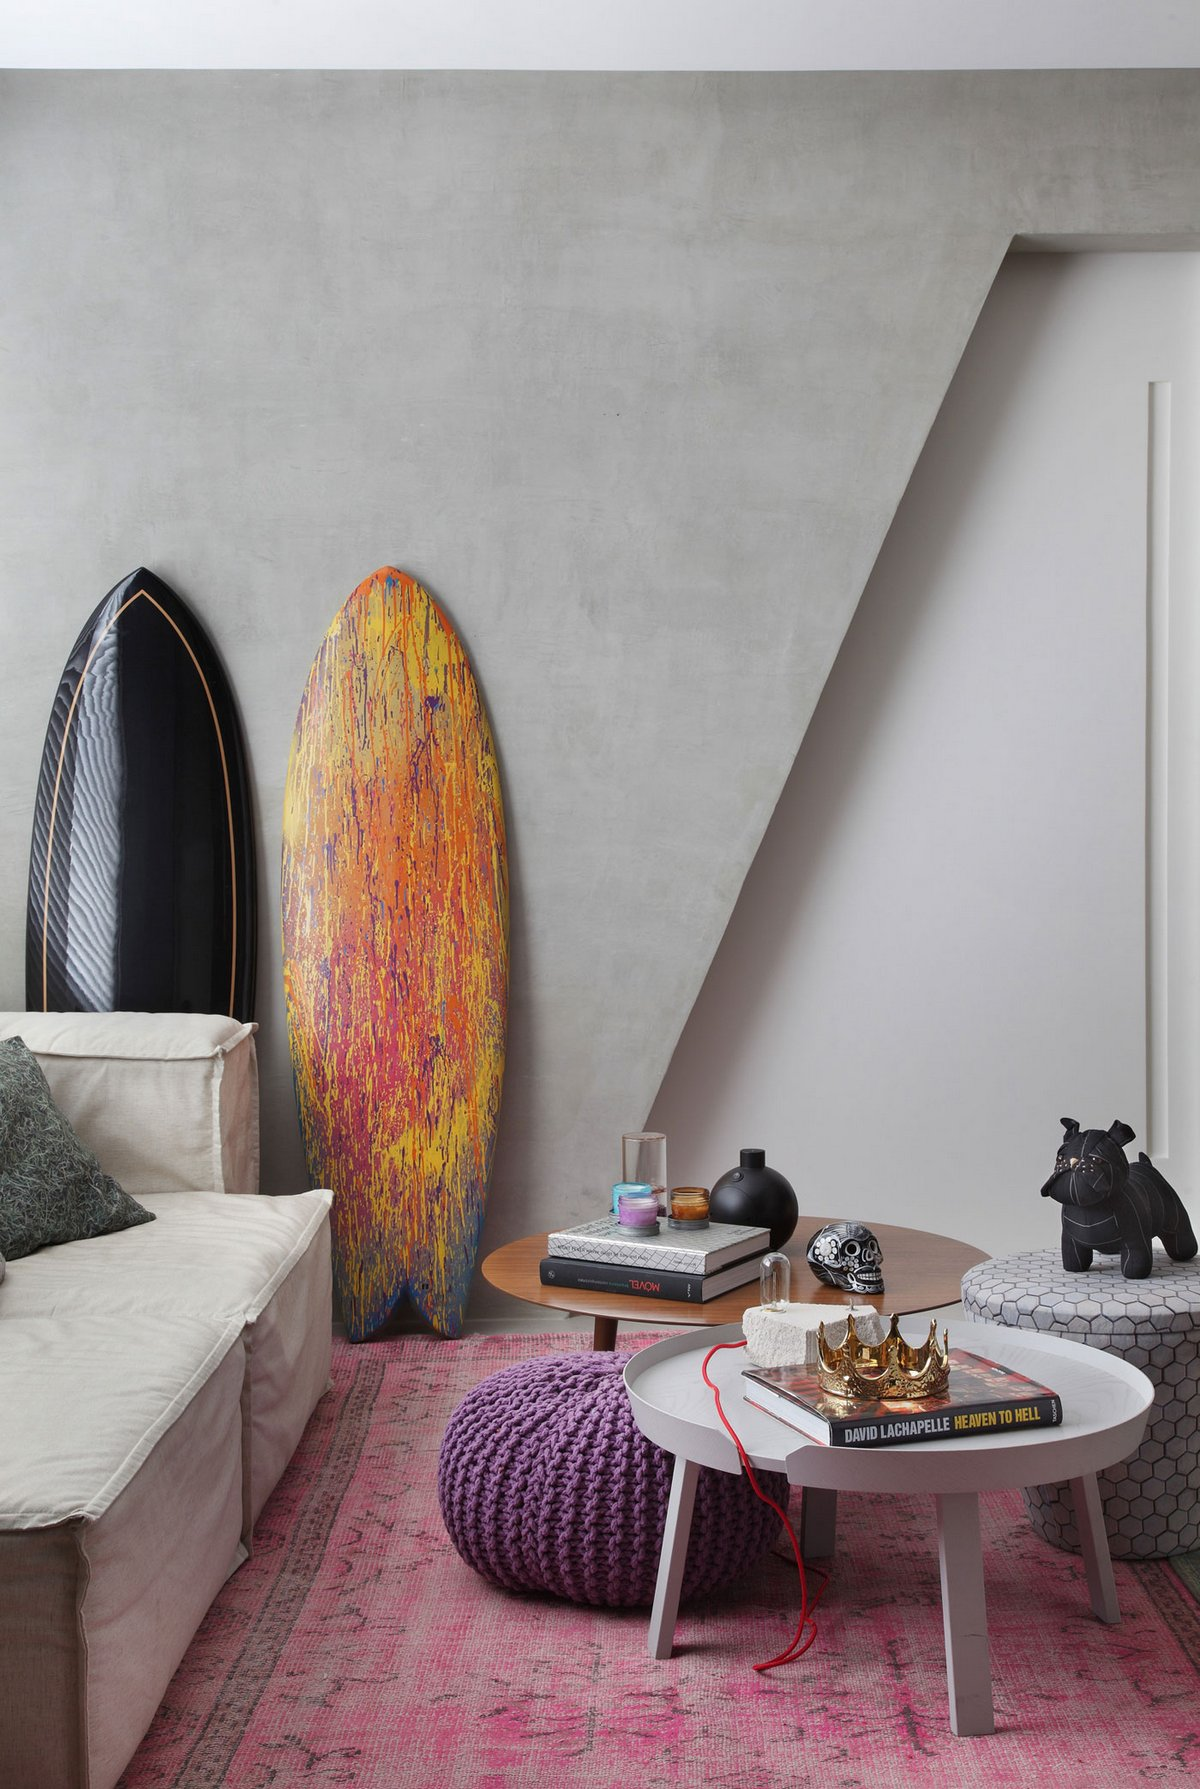 VF House, Studio ro+ca, Рио-де-Жанейро, Бразилия, квартиры в Бразилии, интерьер для молодых, молодежный интерьер фото, современный интерьер фото